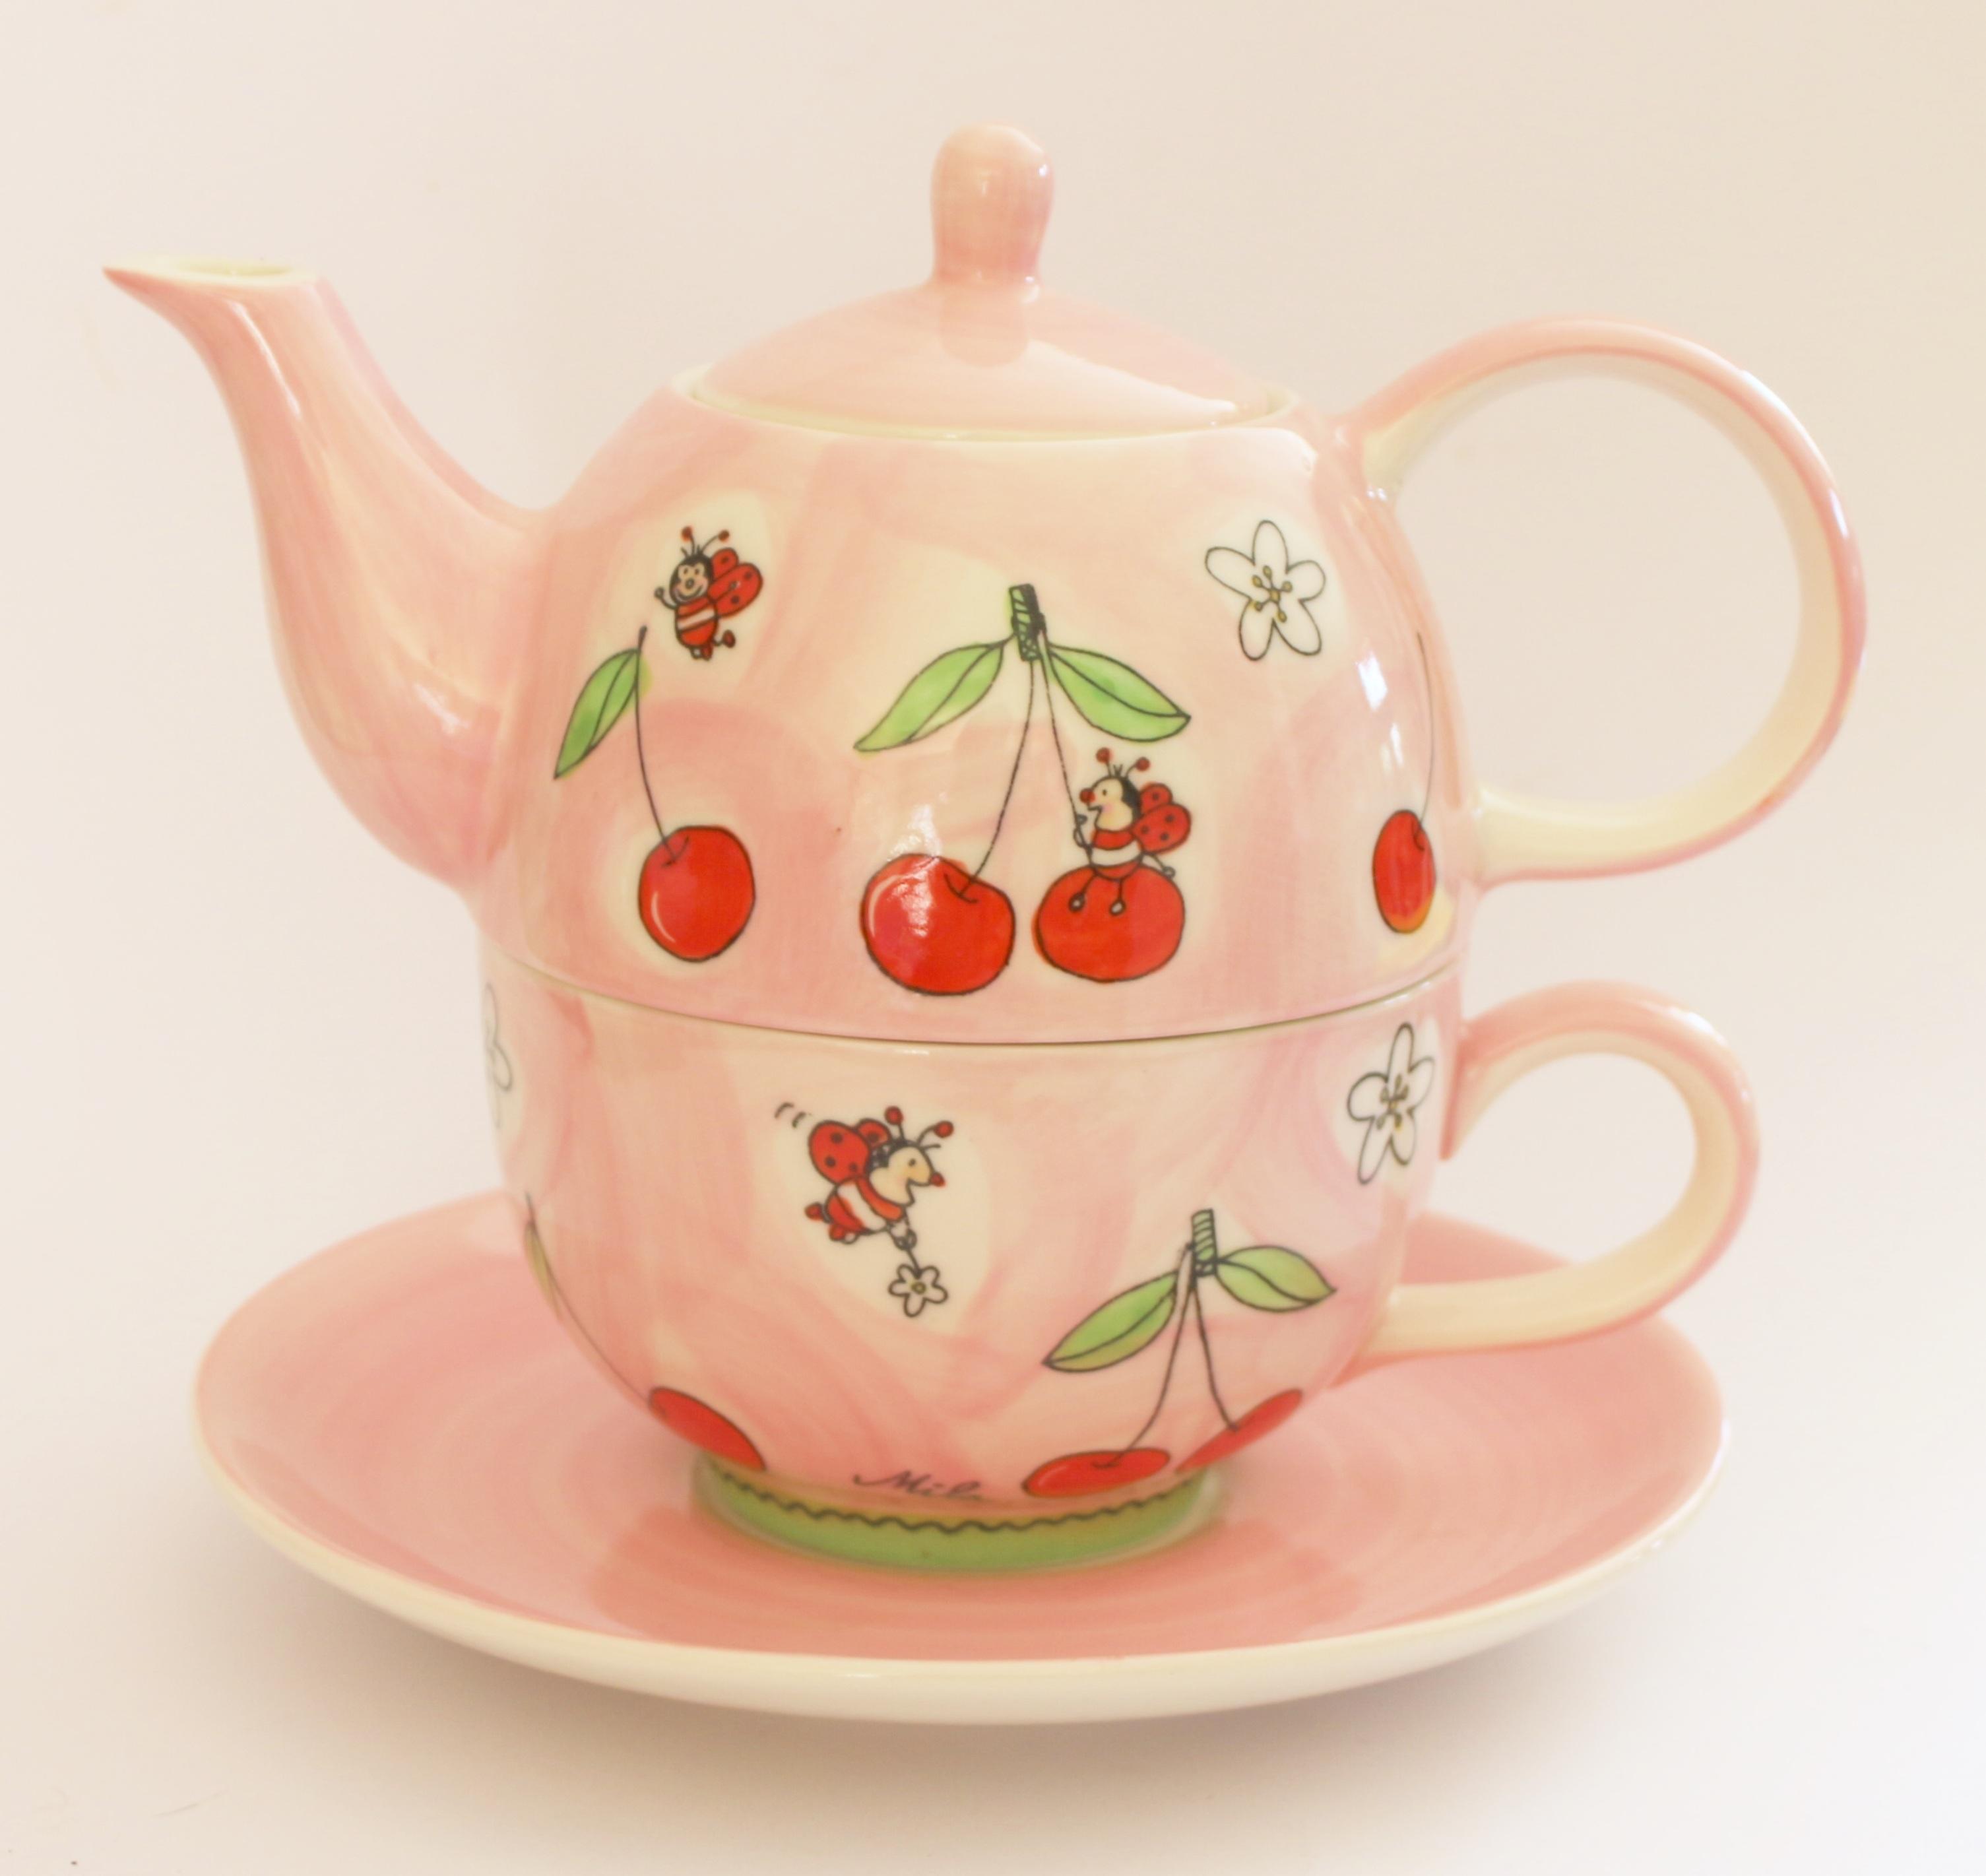 8f5d9ca1a363 зима чай заварочный чайник кружка Блюдце Керамический чайник Розовый  Кофейная чашка посуда кувшин Изобразительное искусство фарфор